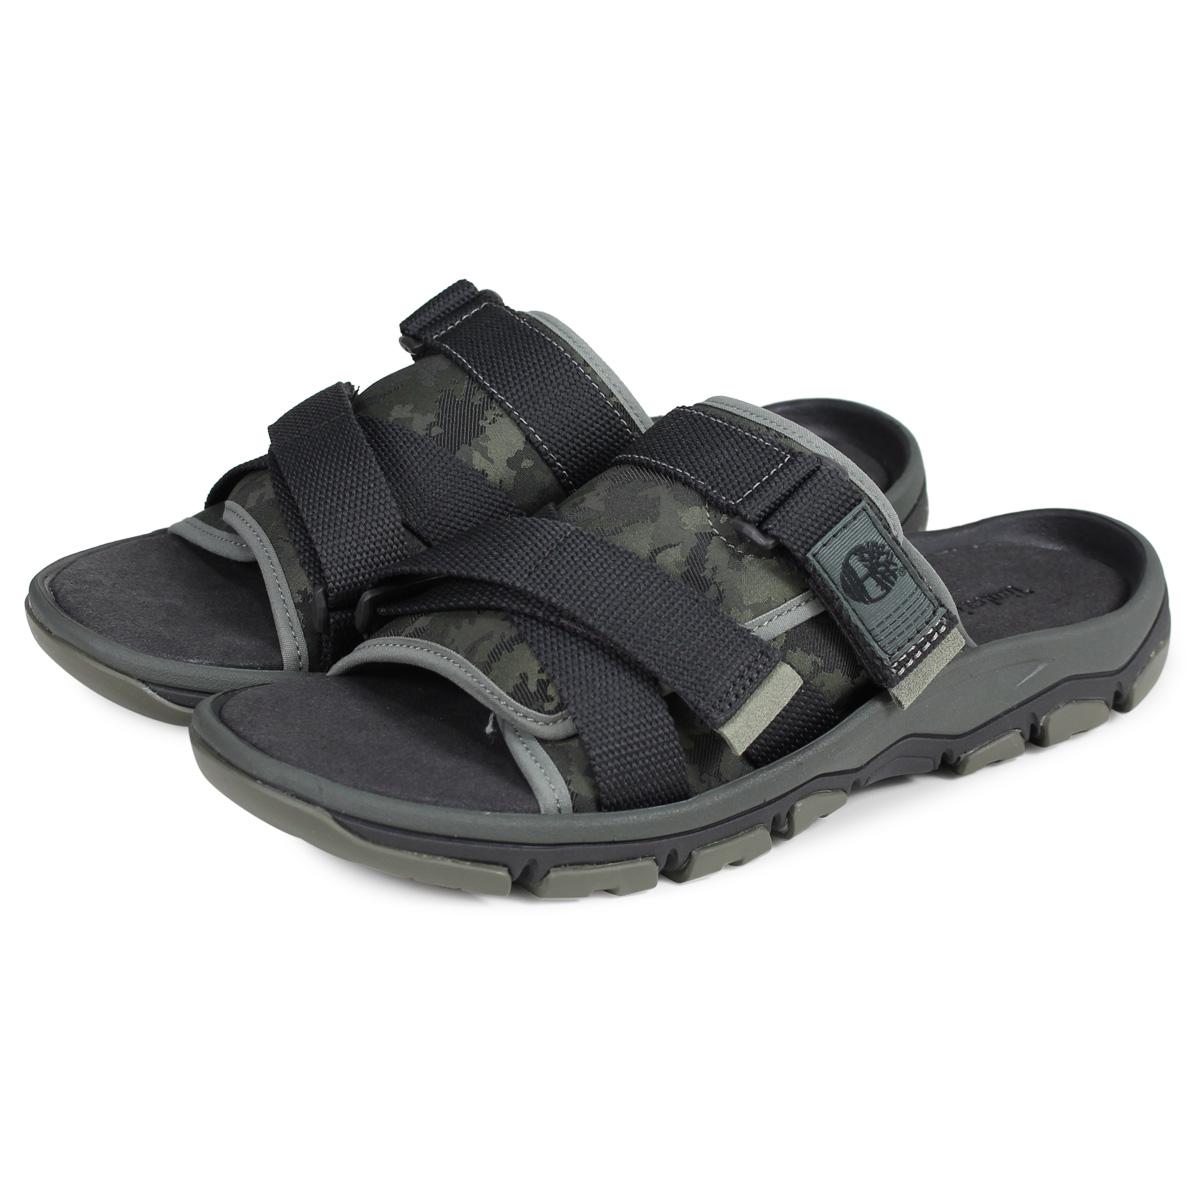 Timberland ROSLINDALE SLIDE Timberland sandals slide sandals men camouflage dark green A1ZSF [194]